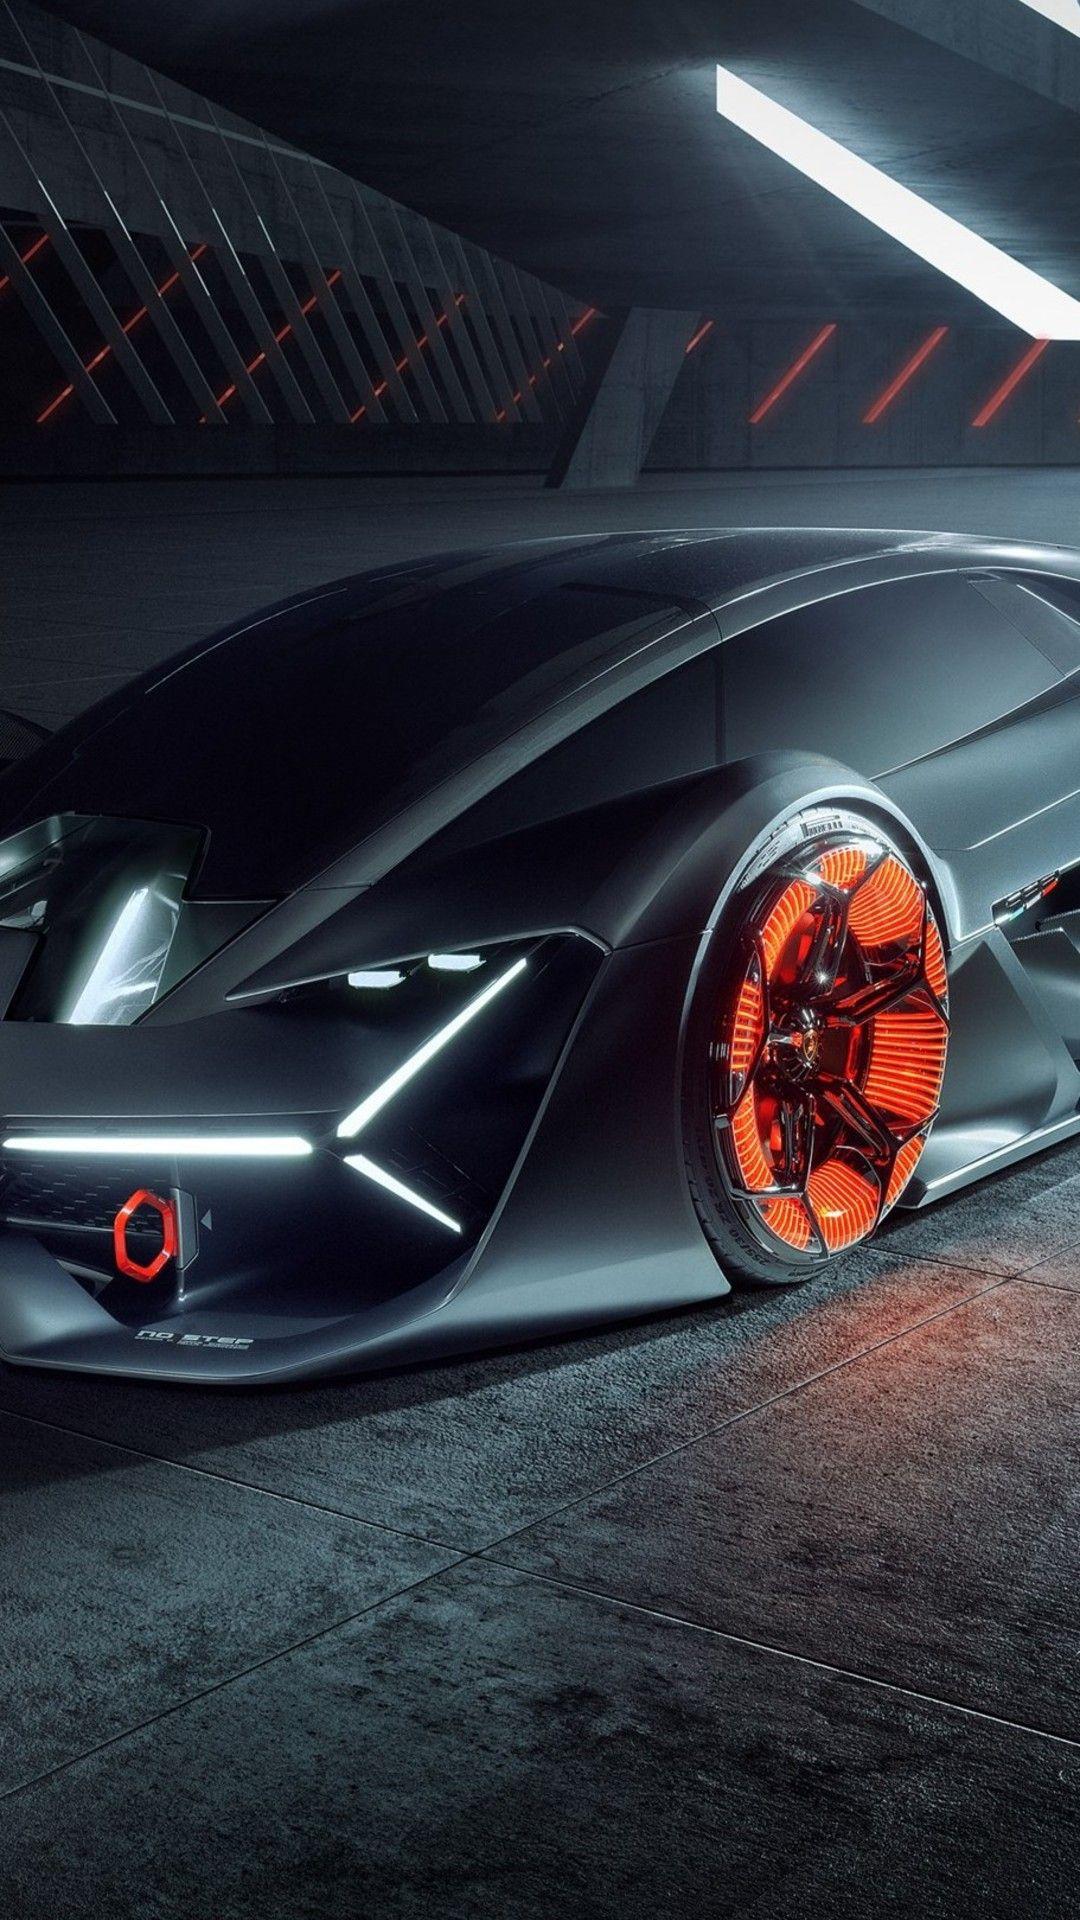 Lamborghini Terzo Millennio 2019 Car In 1080x1920 Resolution With